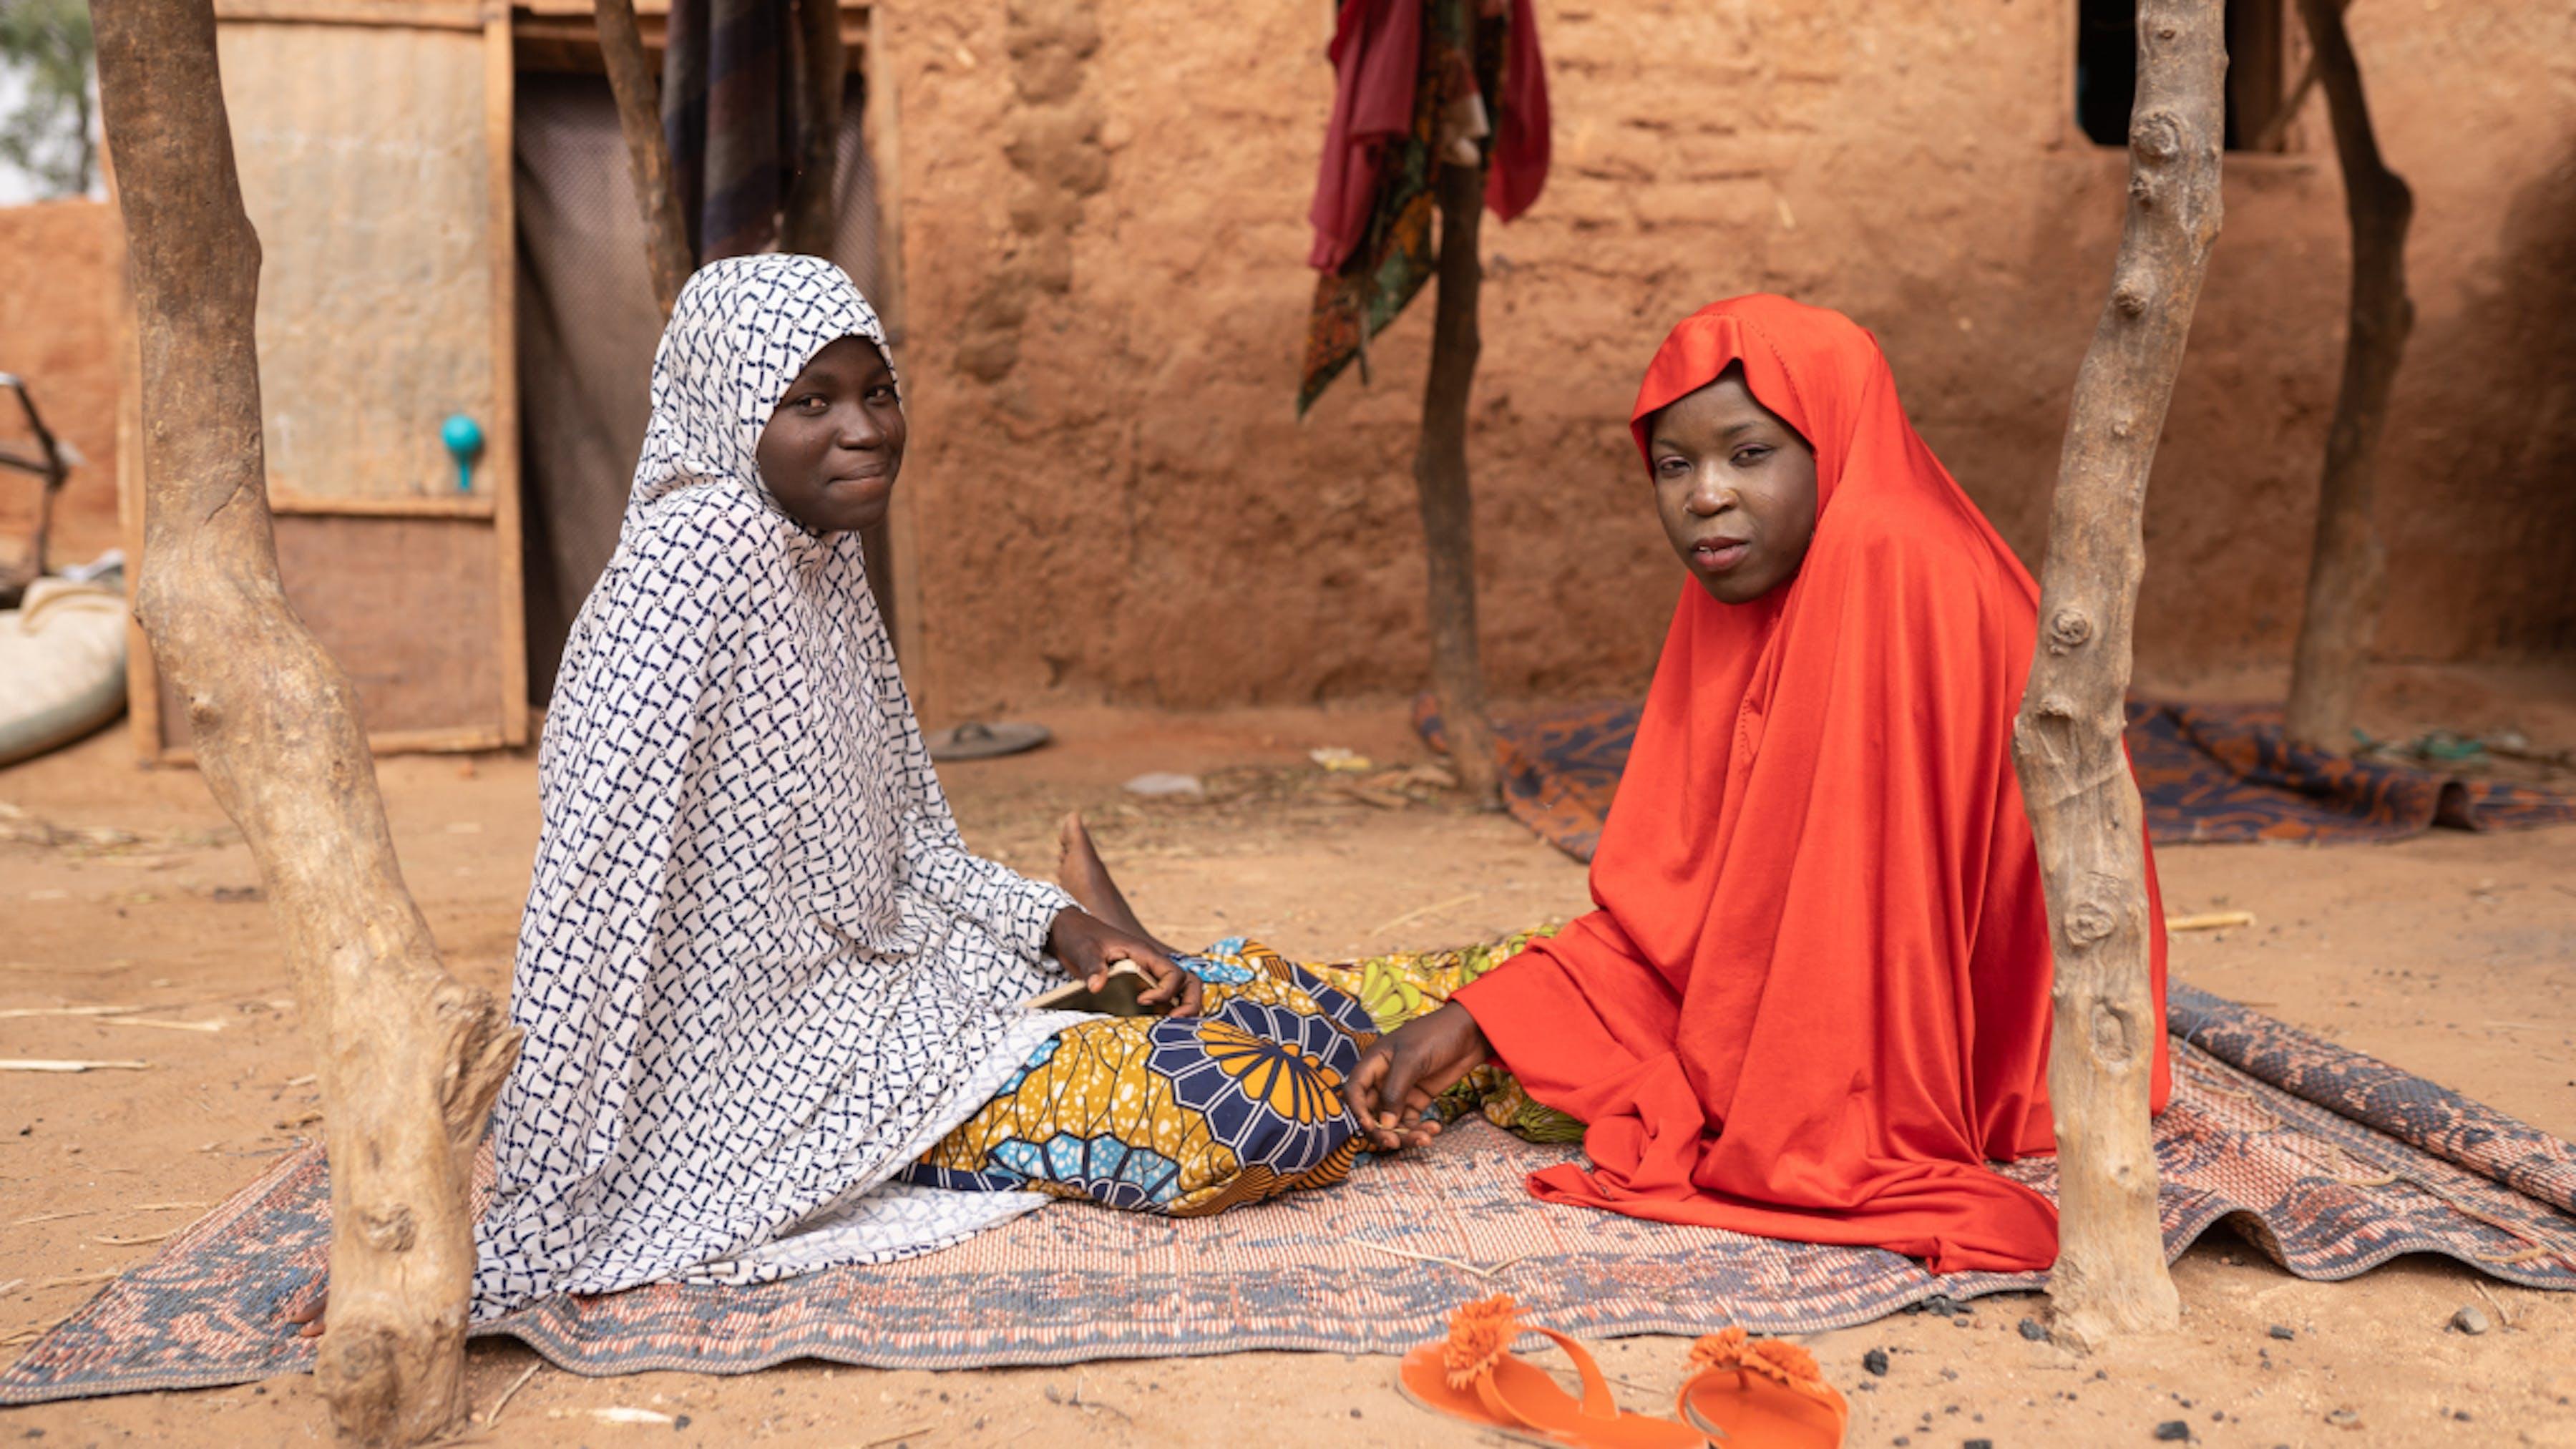 matrimoni precoci, giornata internazionale della donna